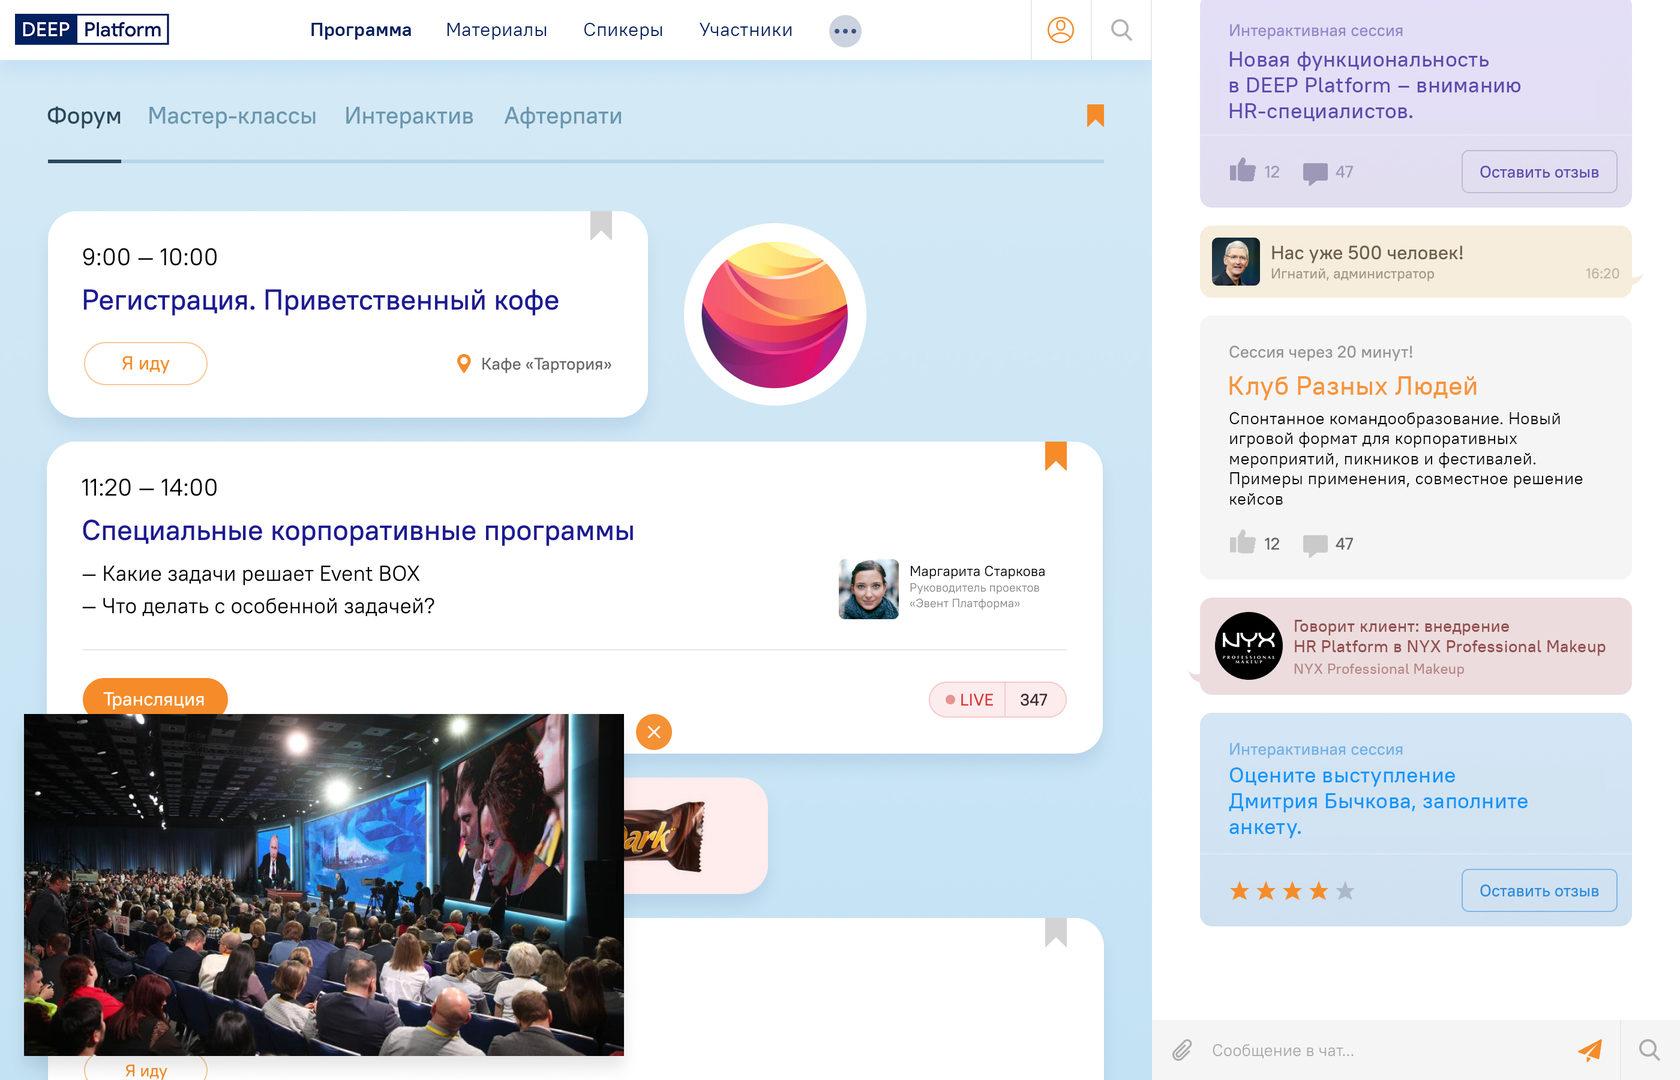 живое расписание - Программы онлайн конференци